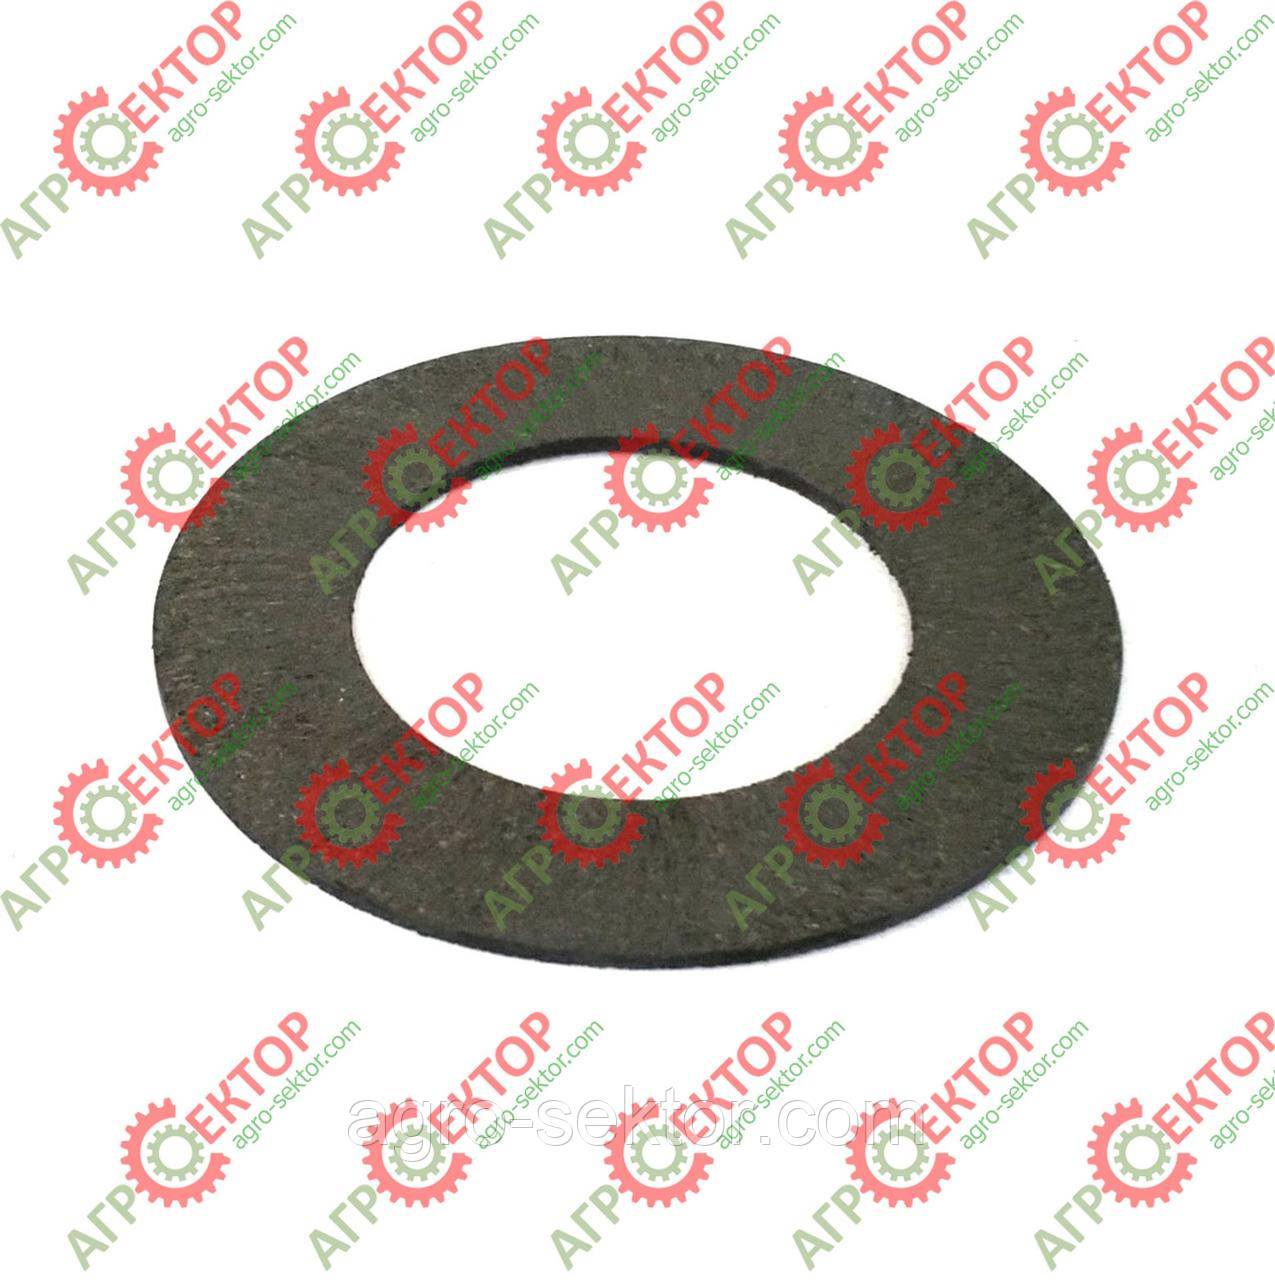 Диск фрикційний муфти підбирача 150x90x3 мм на прес-підбирач Sipma Z-224 2213-110-105.03, 1338-311-004